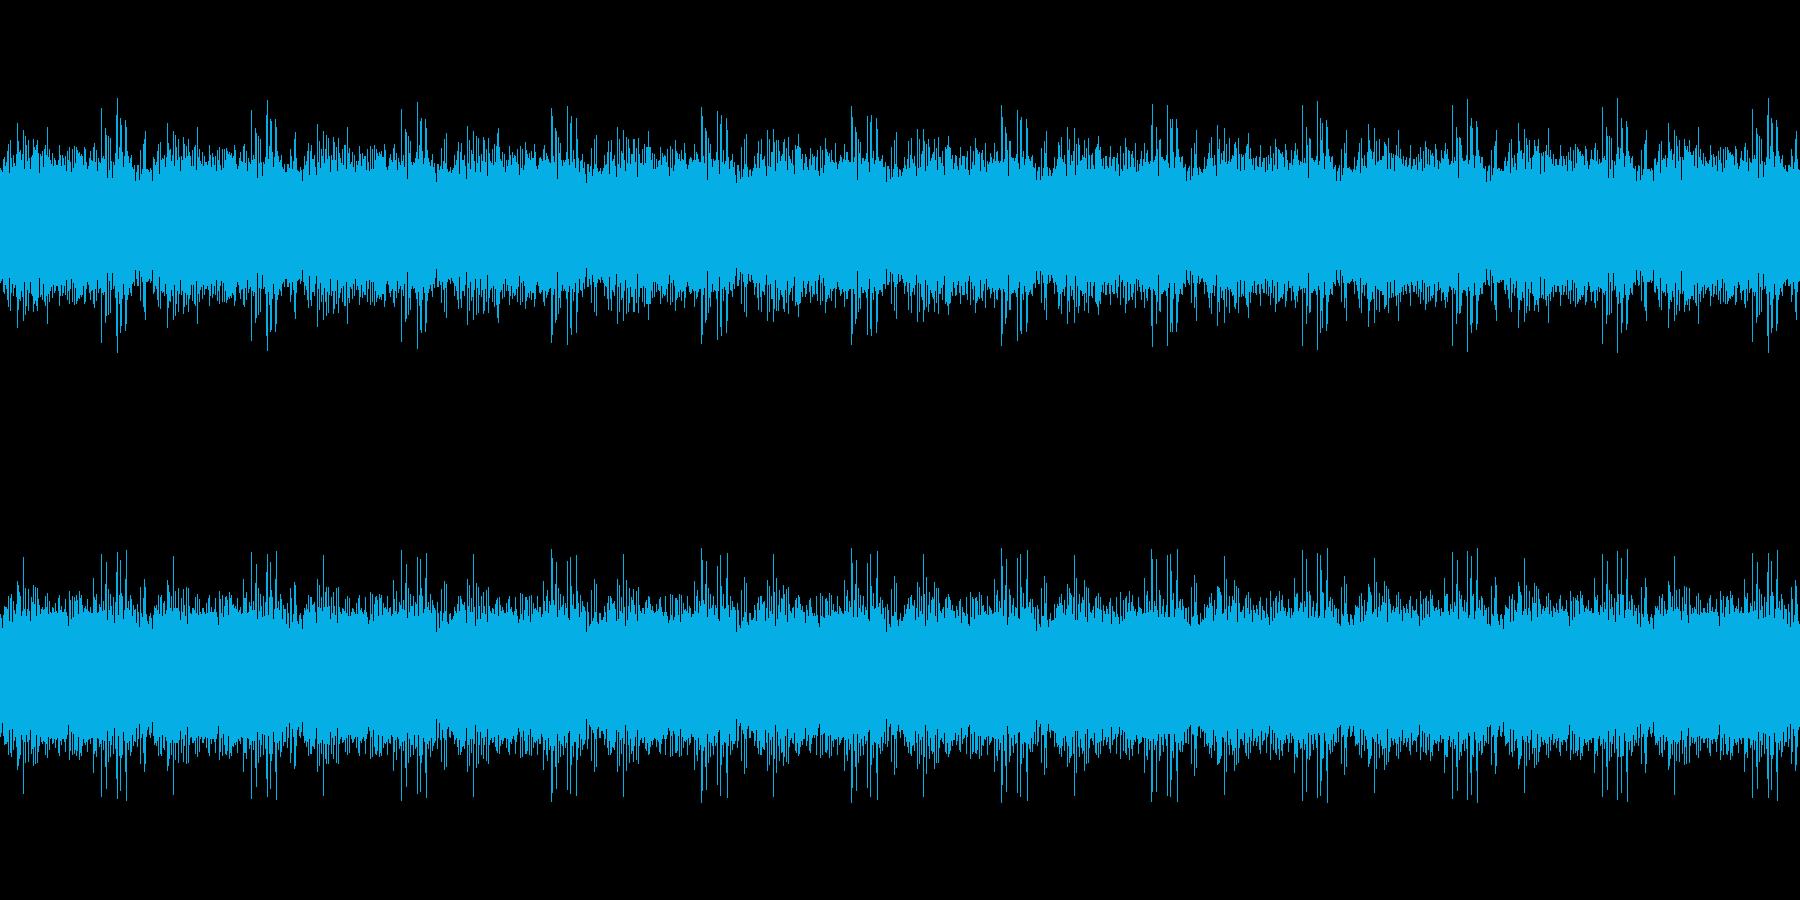 小川の音ループ_バスカットの再生済みの波形